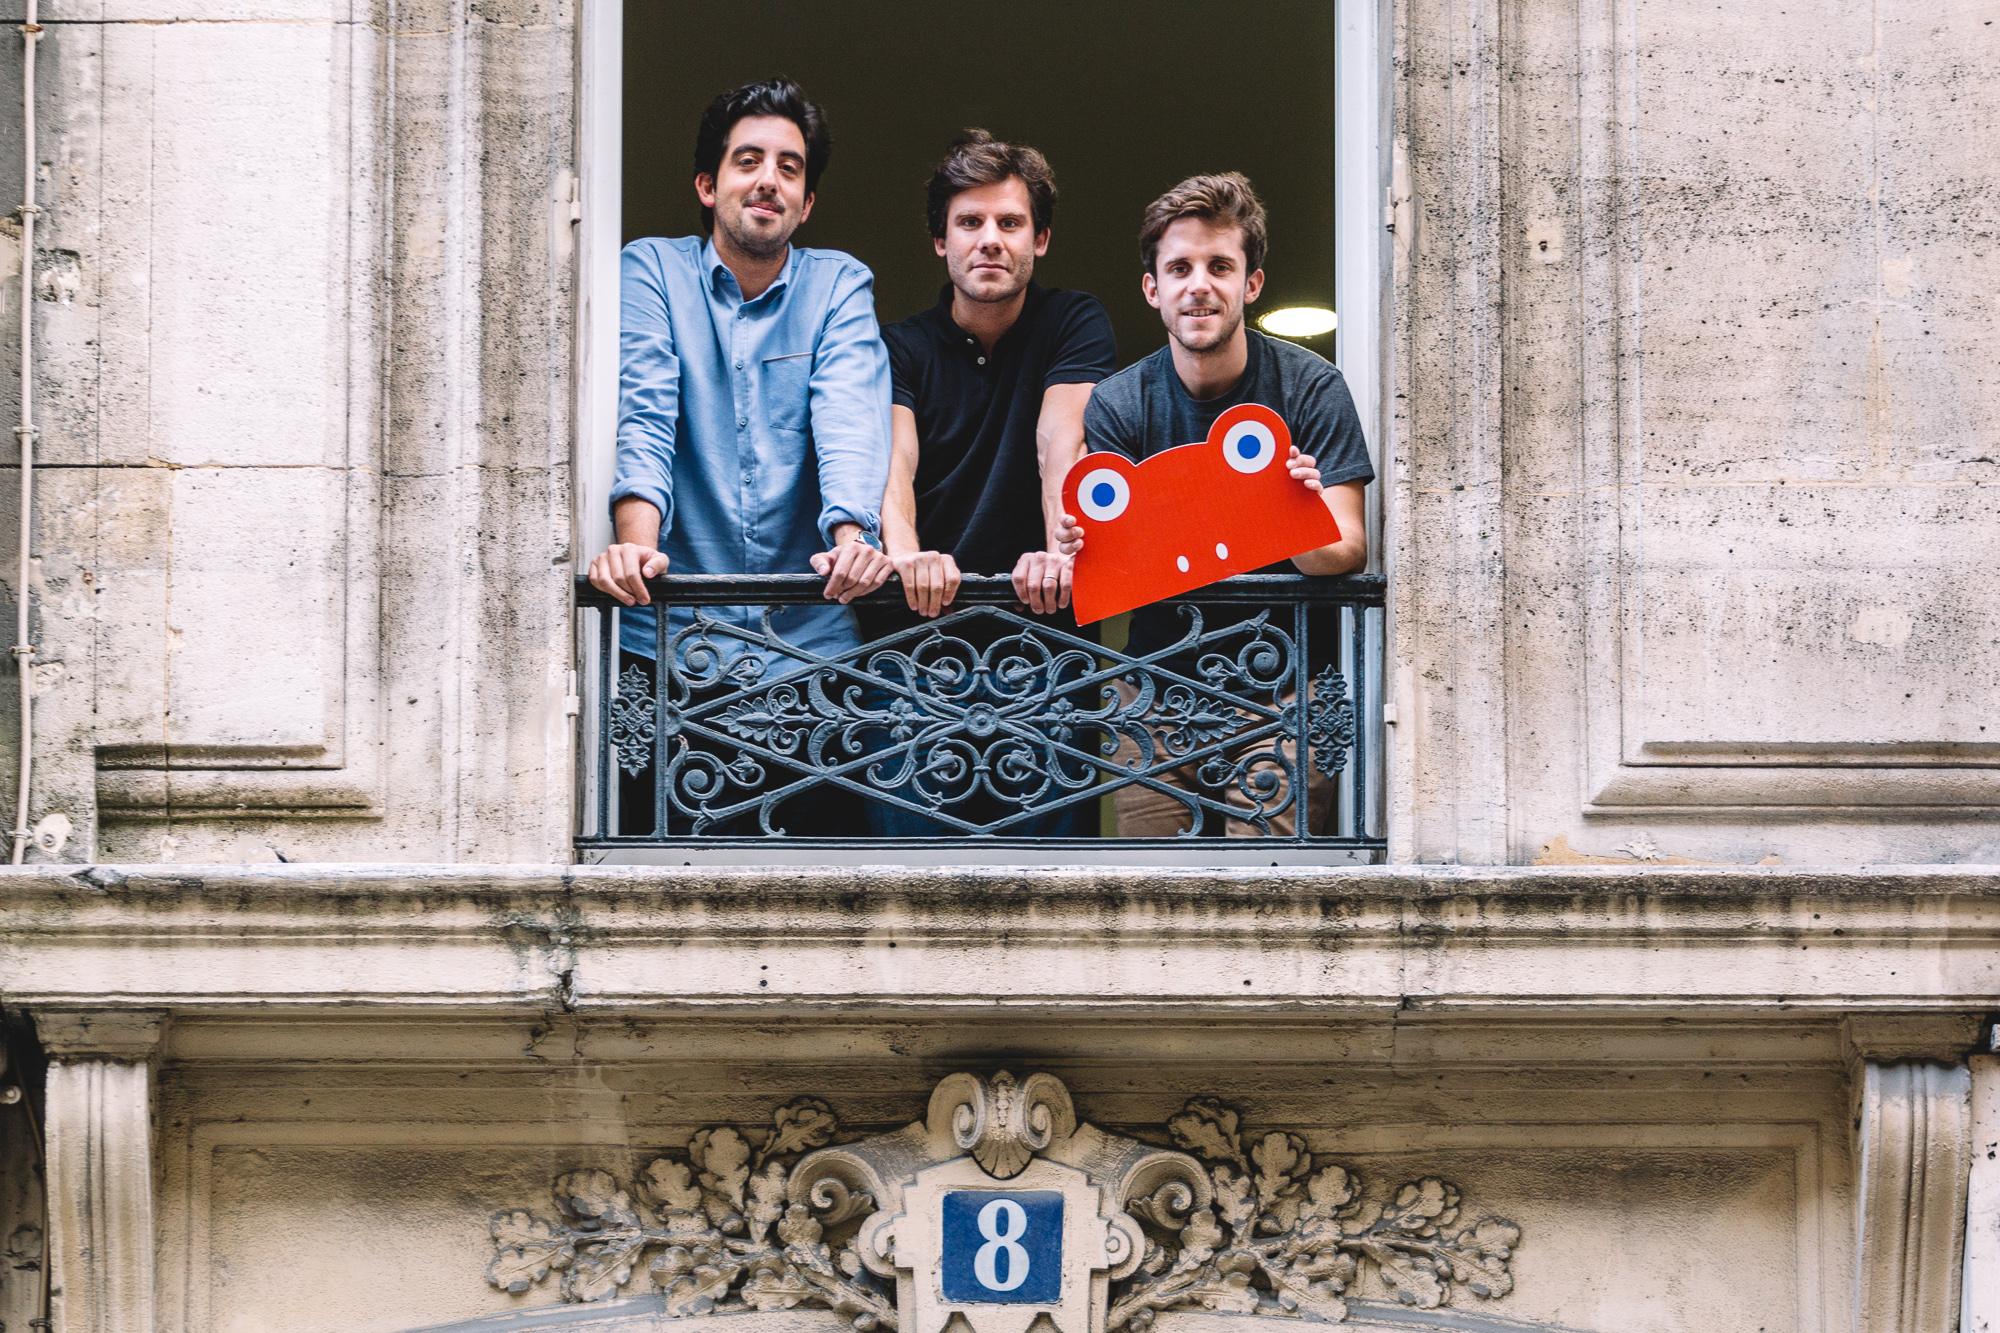 Les trois fondateurs du Chocolat des Français, à une fenêtre d'immeuble parisien avec leur logo grenouille